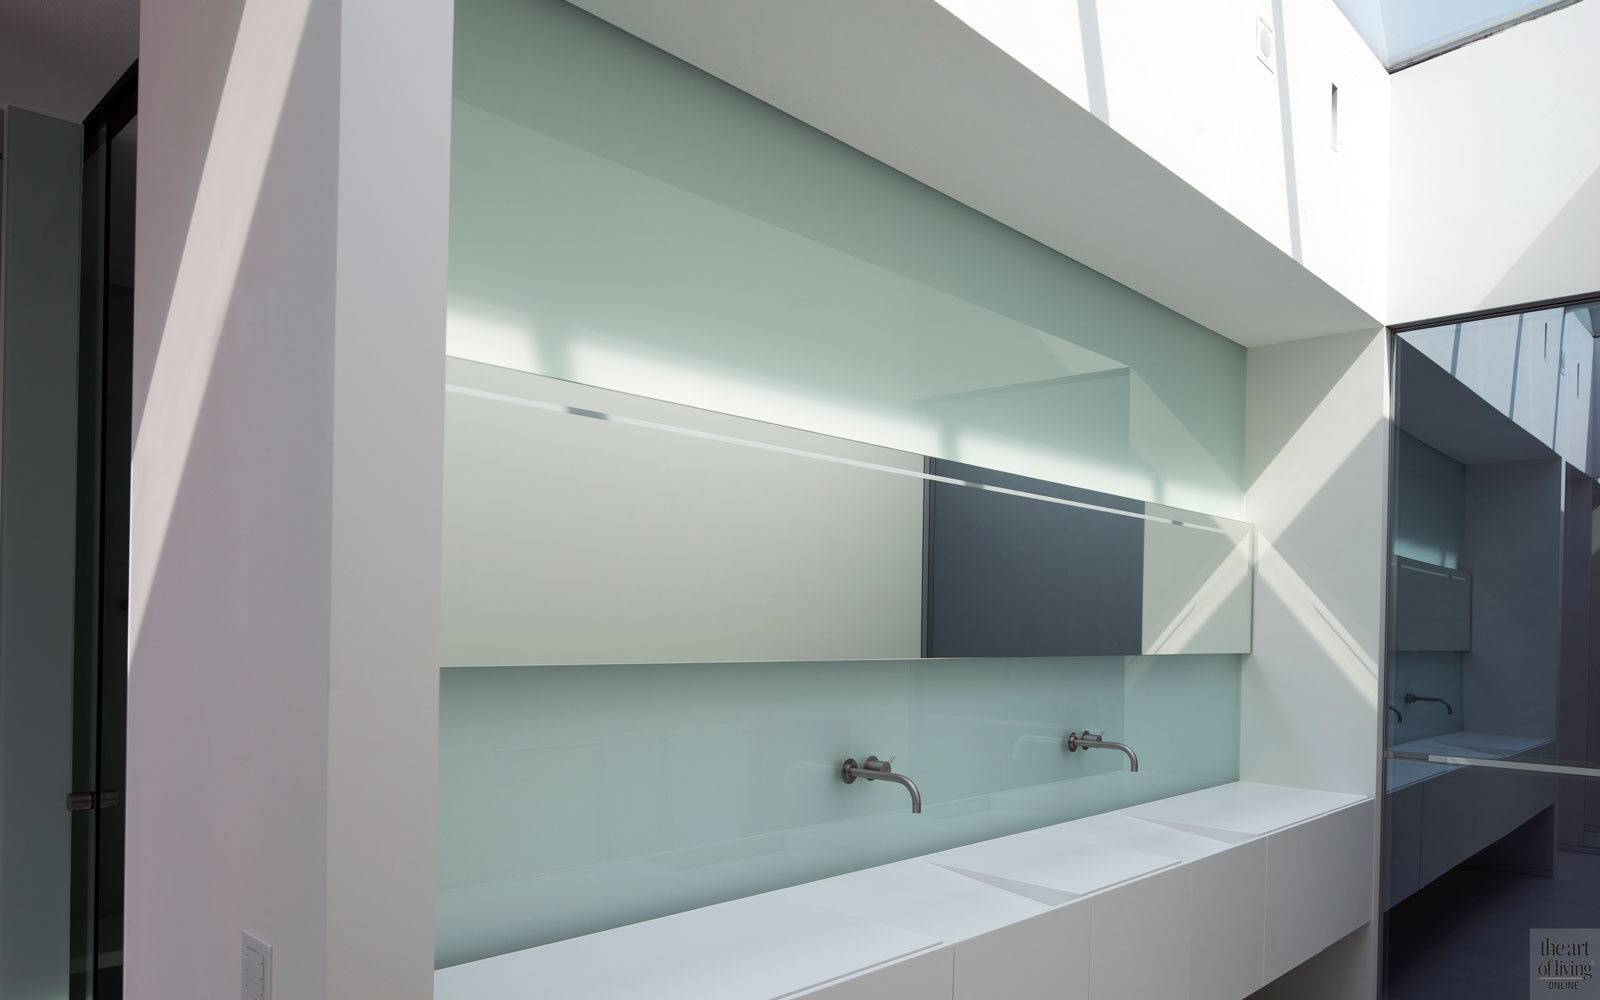 Roestvrijstaal, kraan, VOLA, glazen wandbekleding, matwerk, wastafel, BYOS, villa aan het water, Lab32 architecten